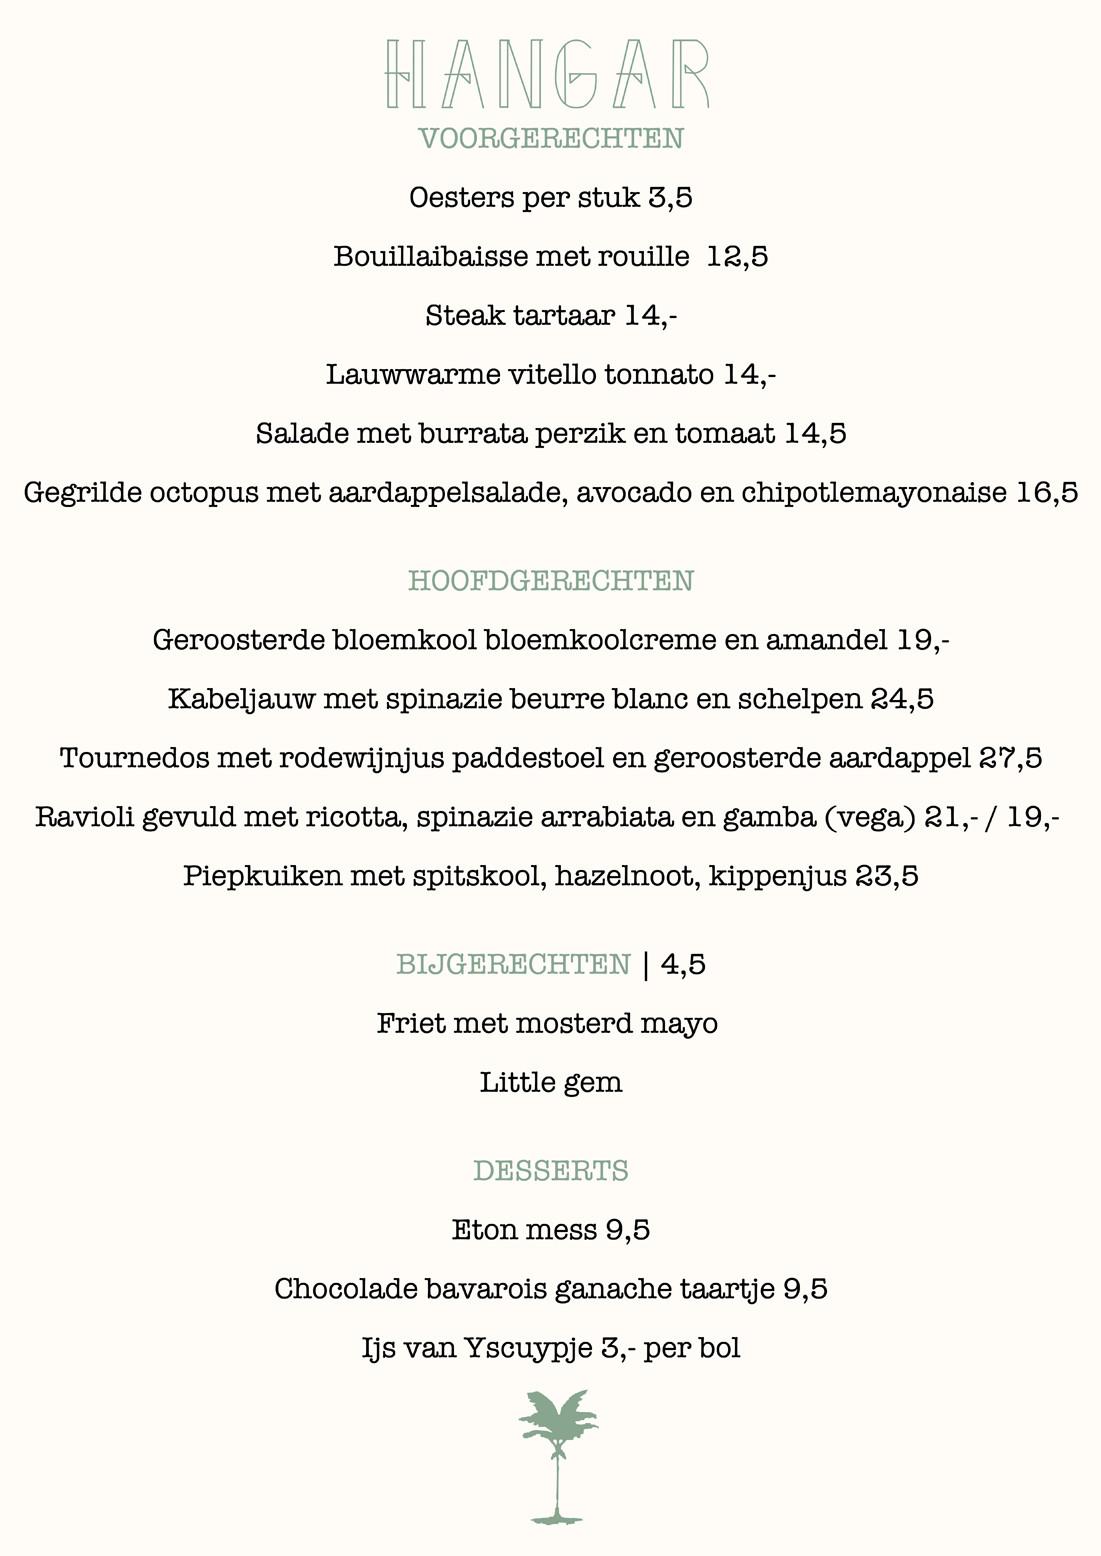 Hangar diner menu